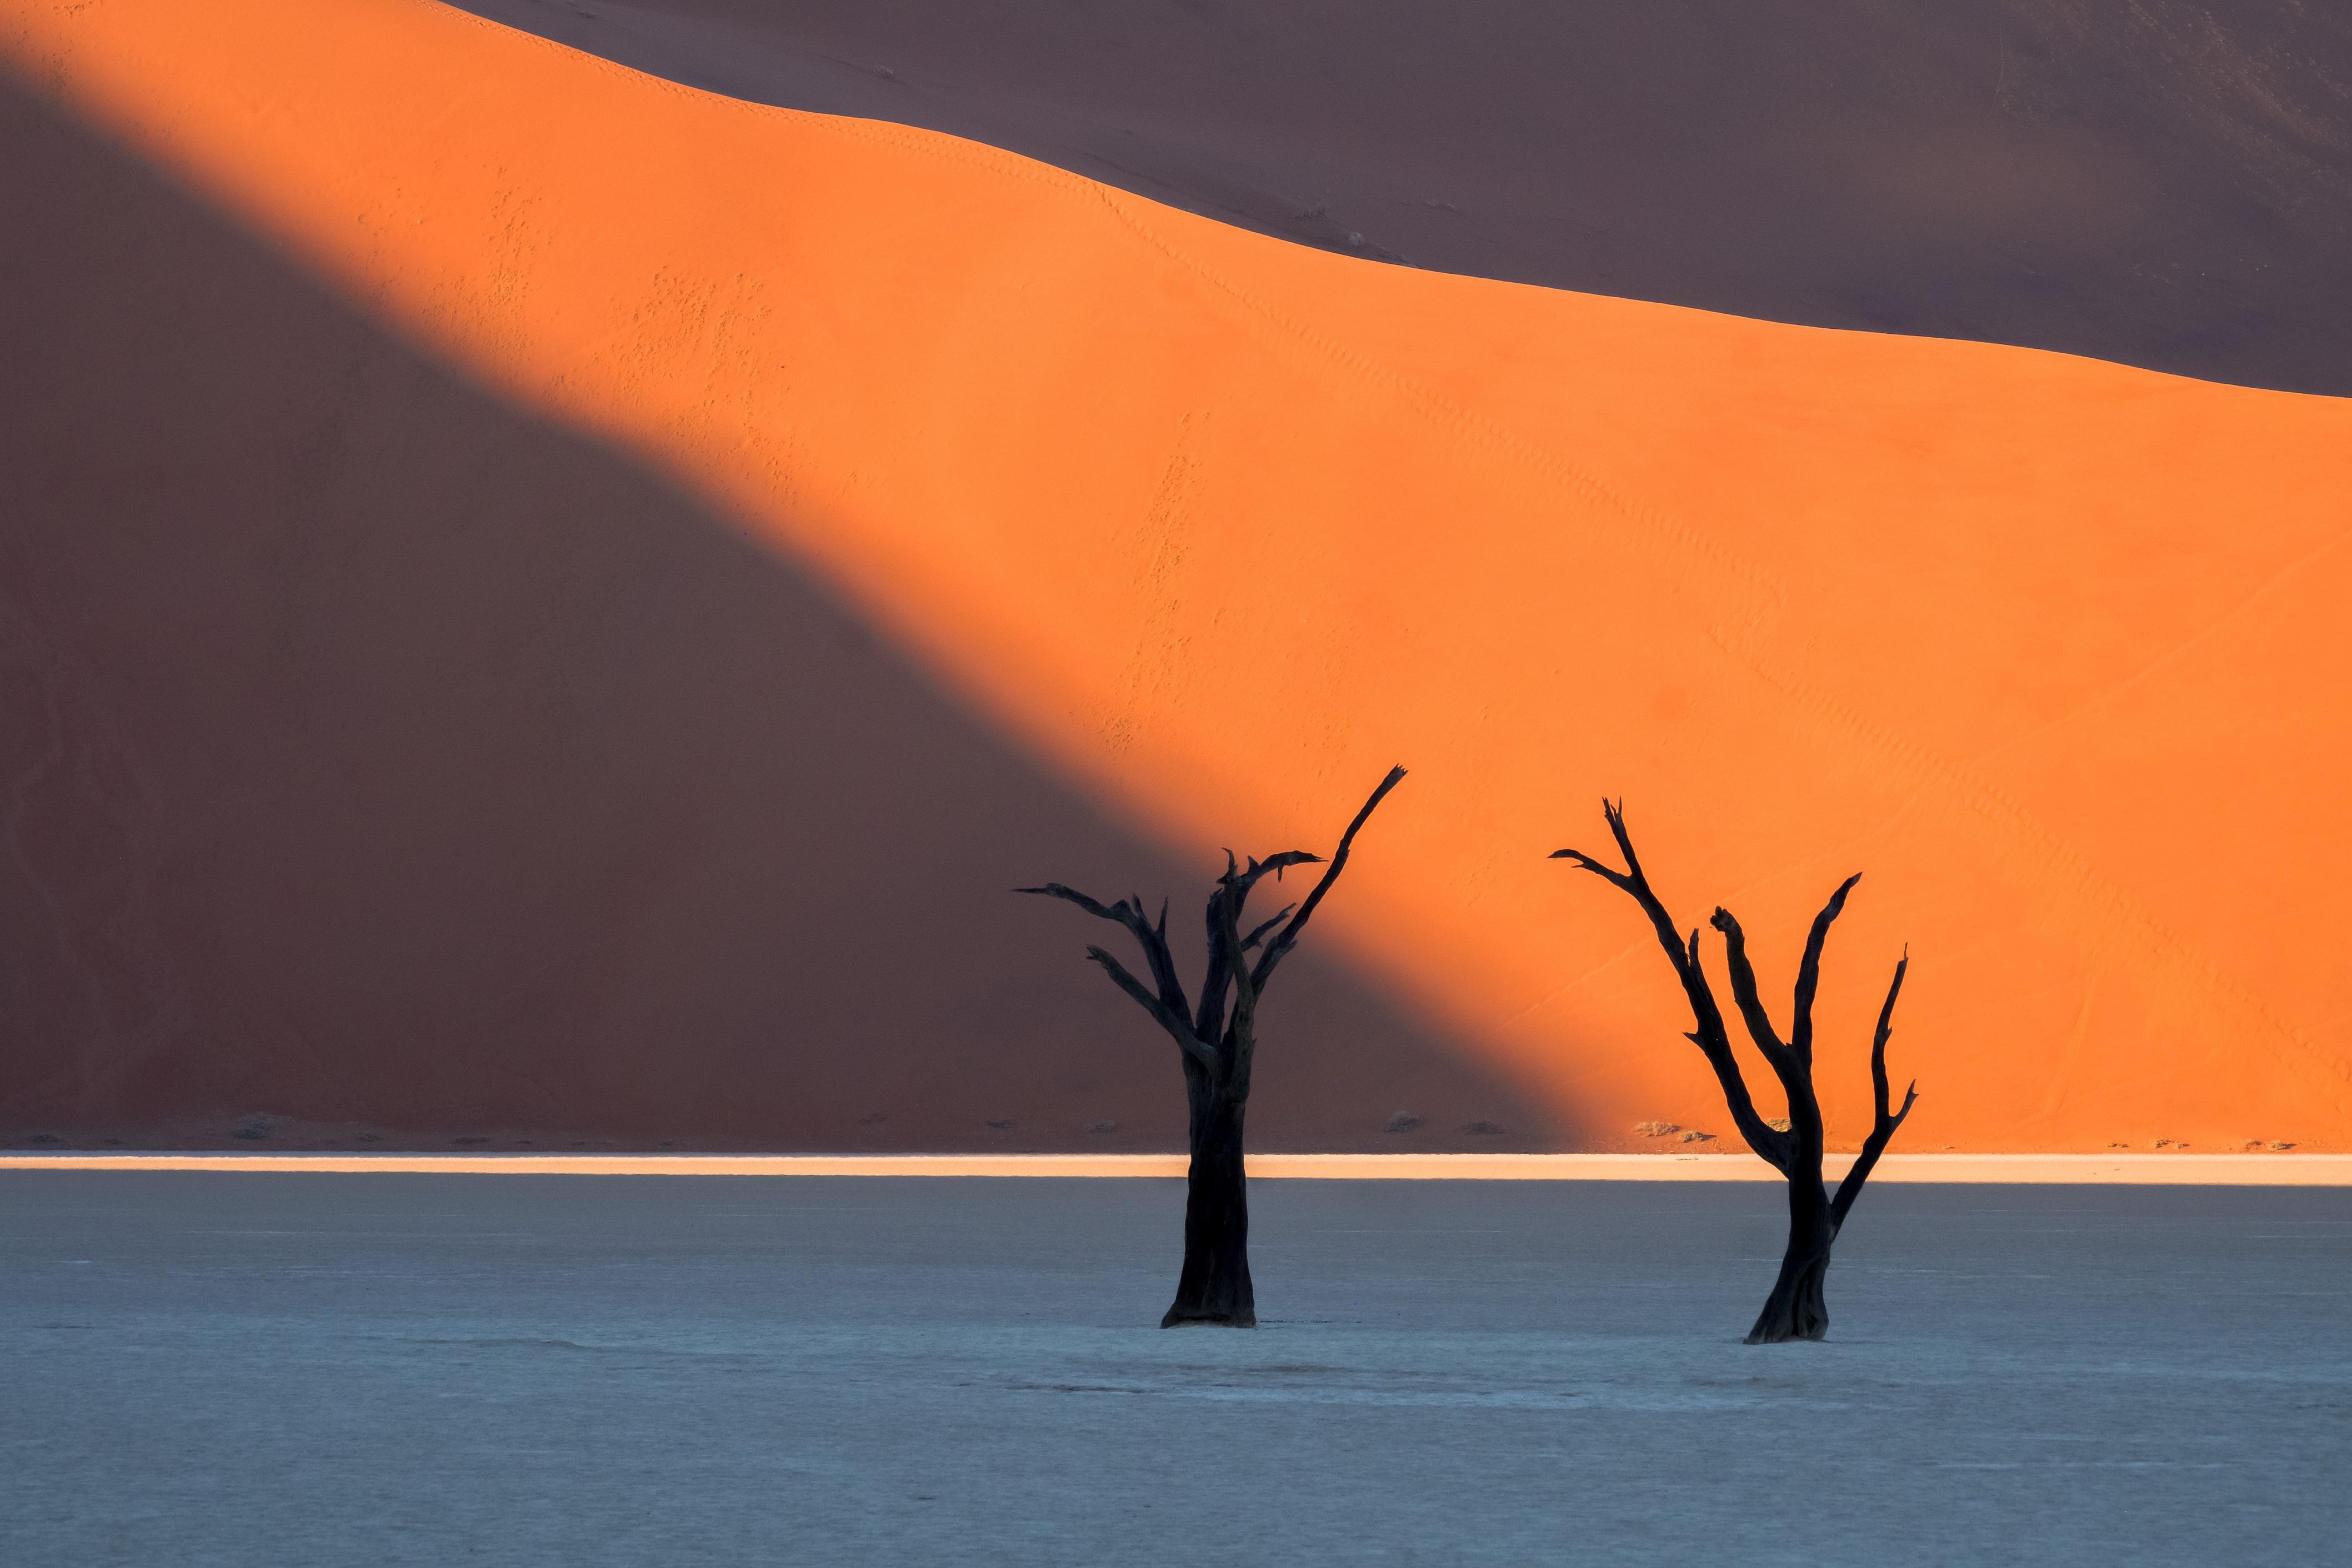 Namibia - den tham thung lung chet, thanh pho ma va dieu khong tuong hinh anh 2